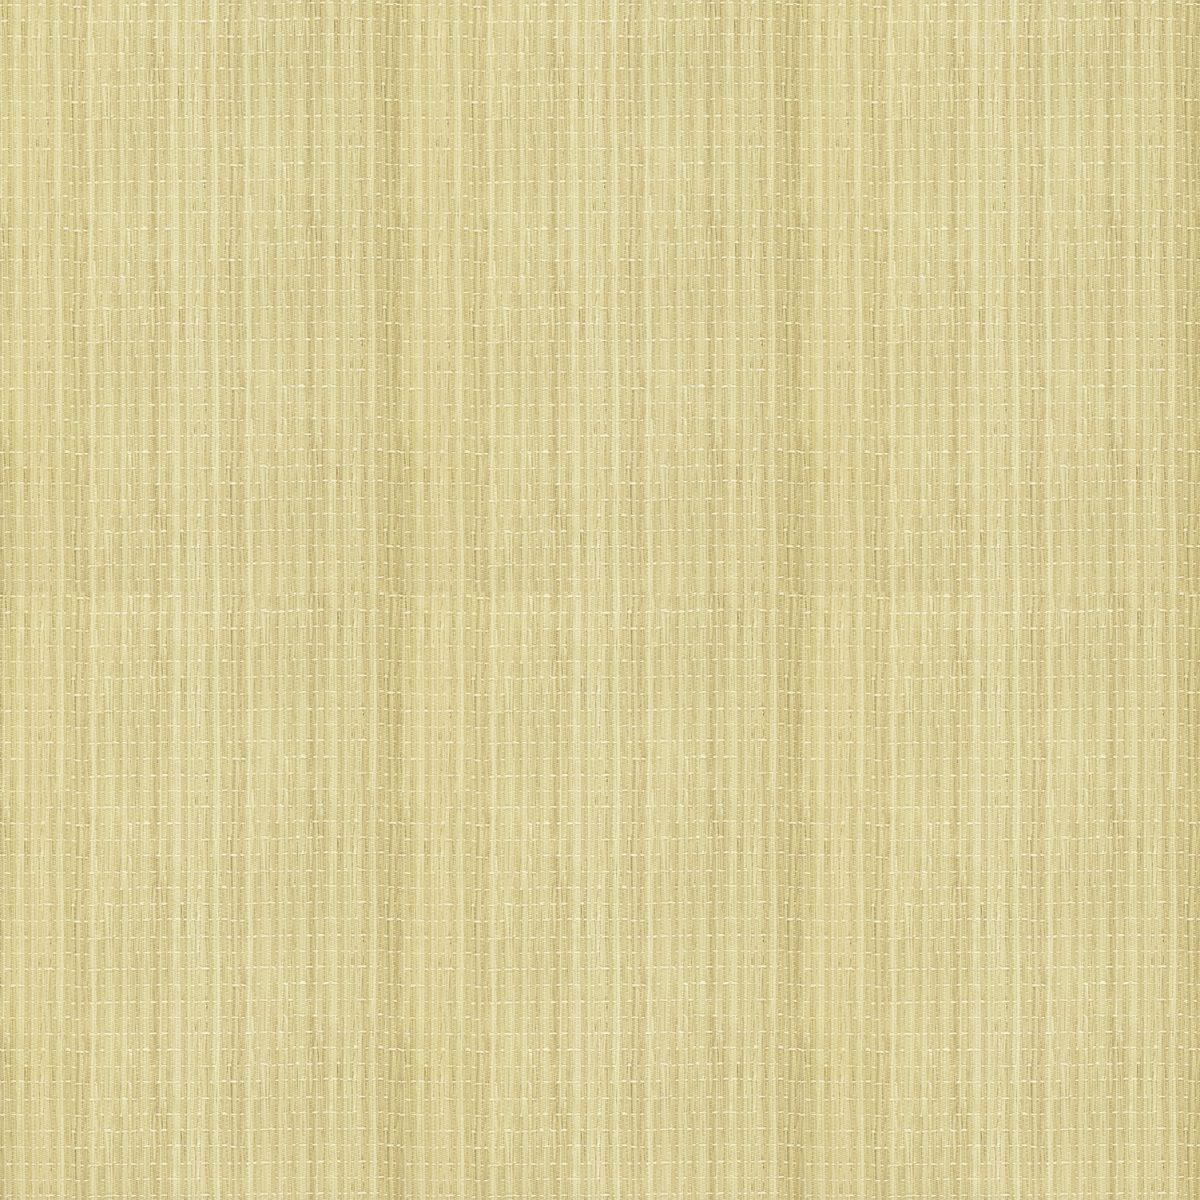 Papel de parede  palha vinílico Texturas